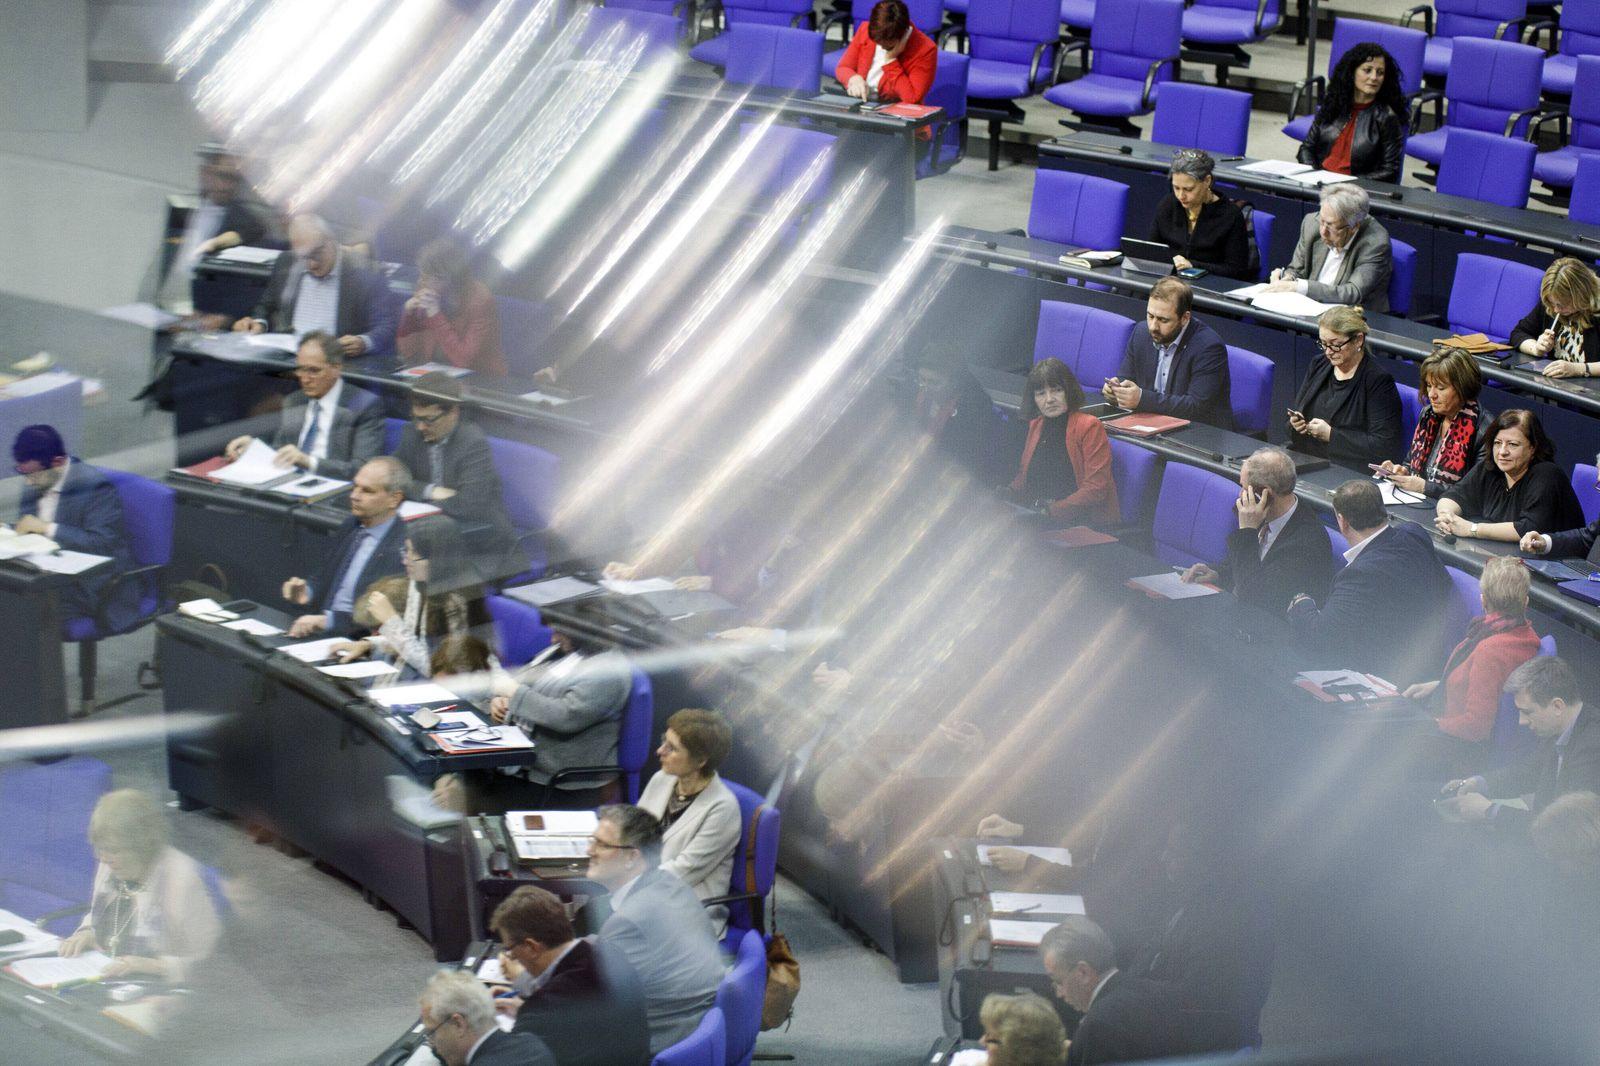 147. Sitzung des Deutschen Bundestages in Berlin, 14.02.2020. Berlin Deutschland *** 147 Meeting of the German Bundestag